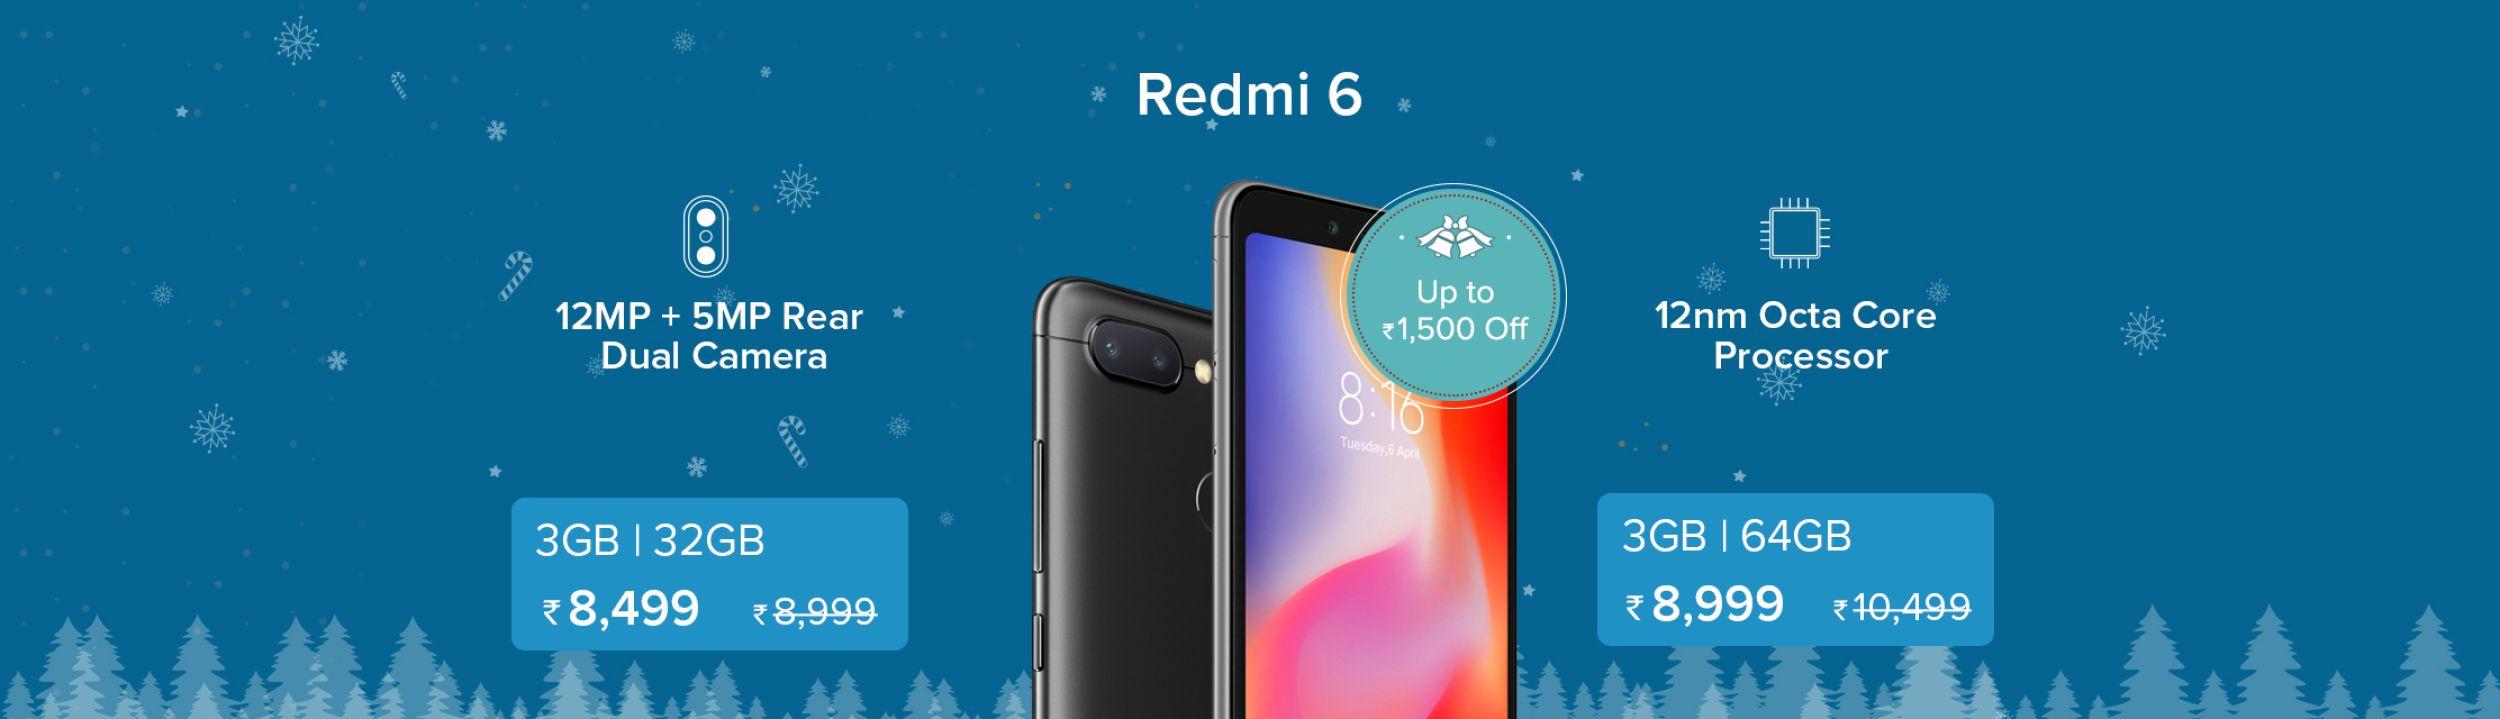 Mi-Redmi-6-2grid